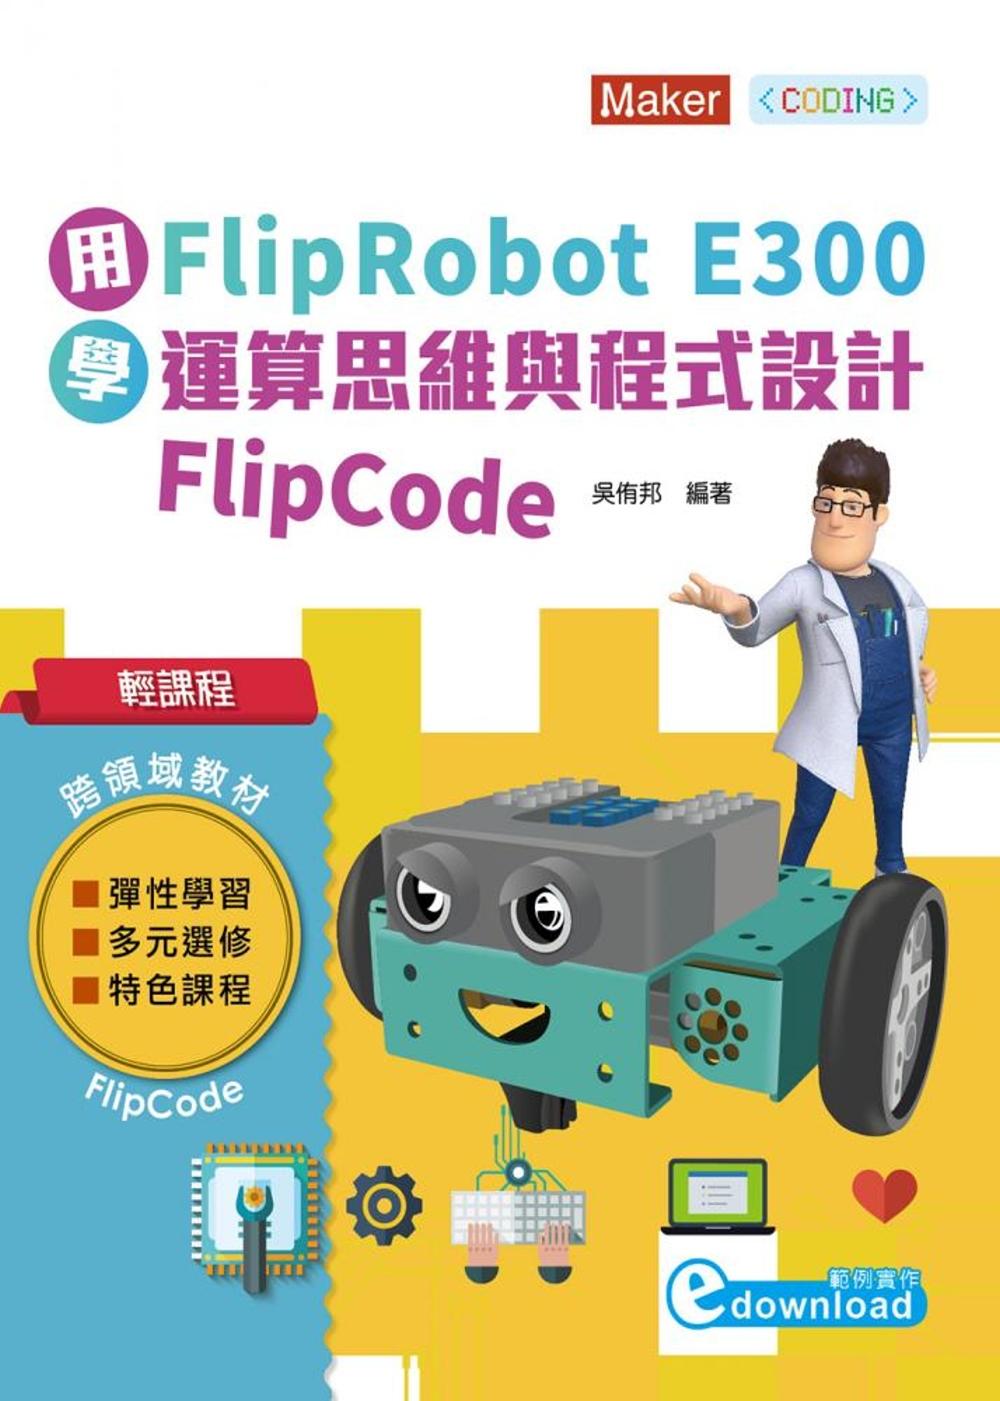 輕課程 用FlipRobot E300學運算思維與程式設計 FlipCode:搭配硬體3020001